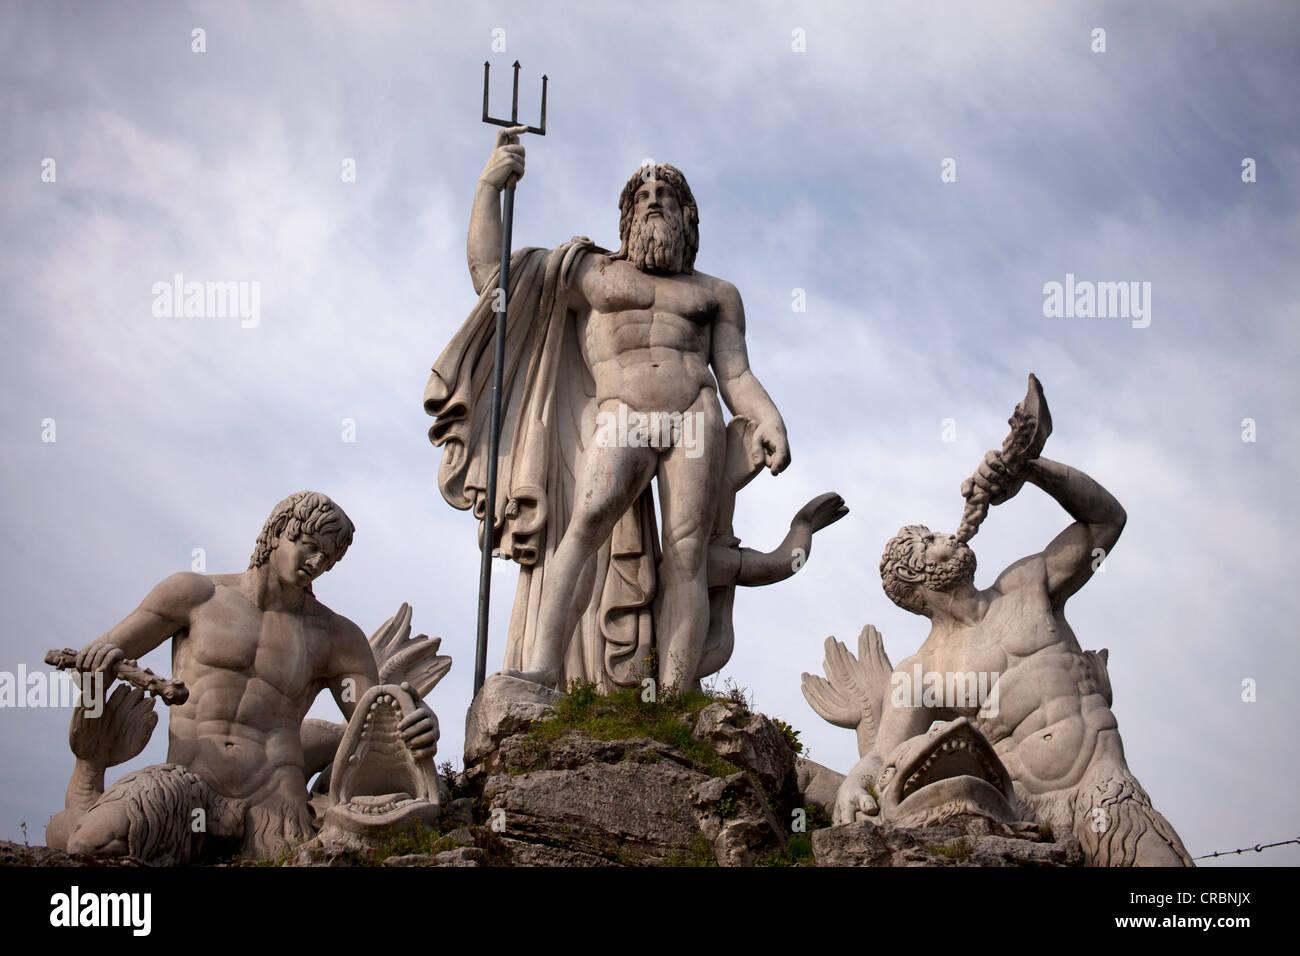 Fontana del Nettuno, Neptune fountain on Piazza del Popolo square in Rome, Italy, Europe - Stock Image